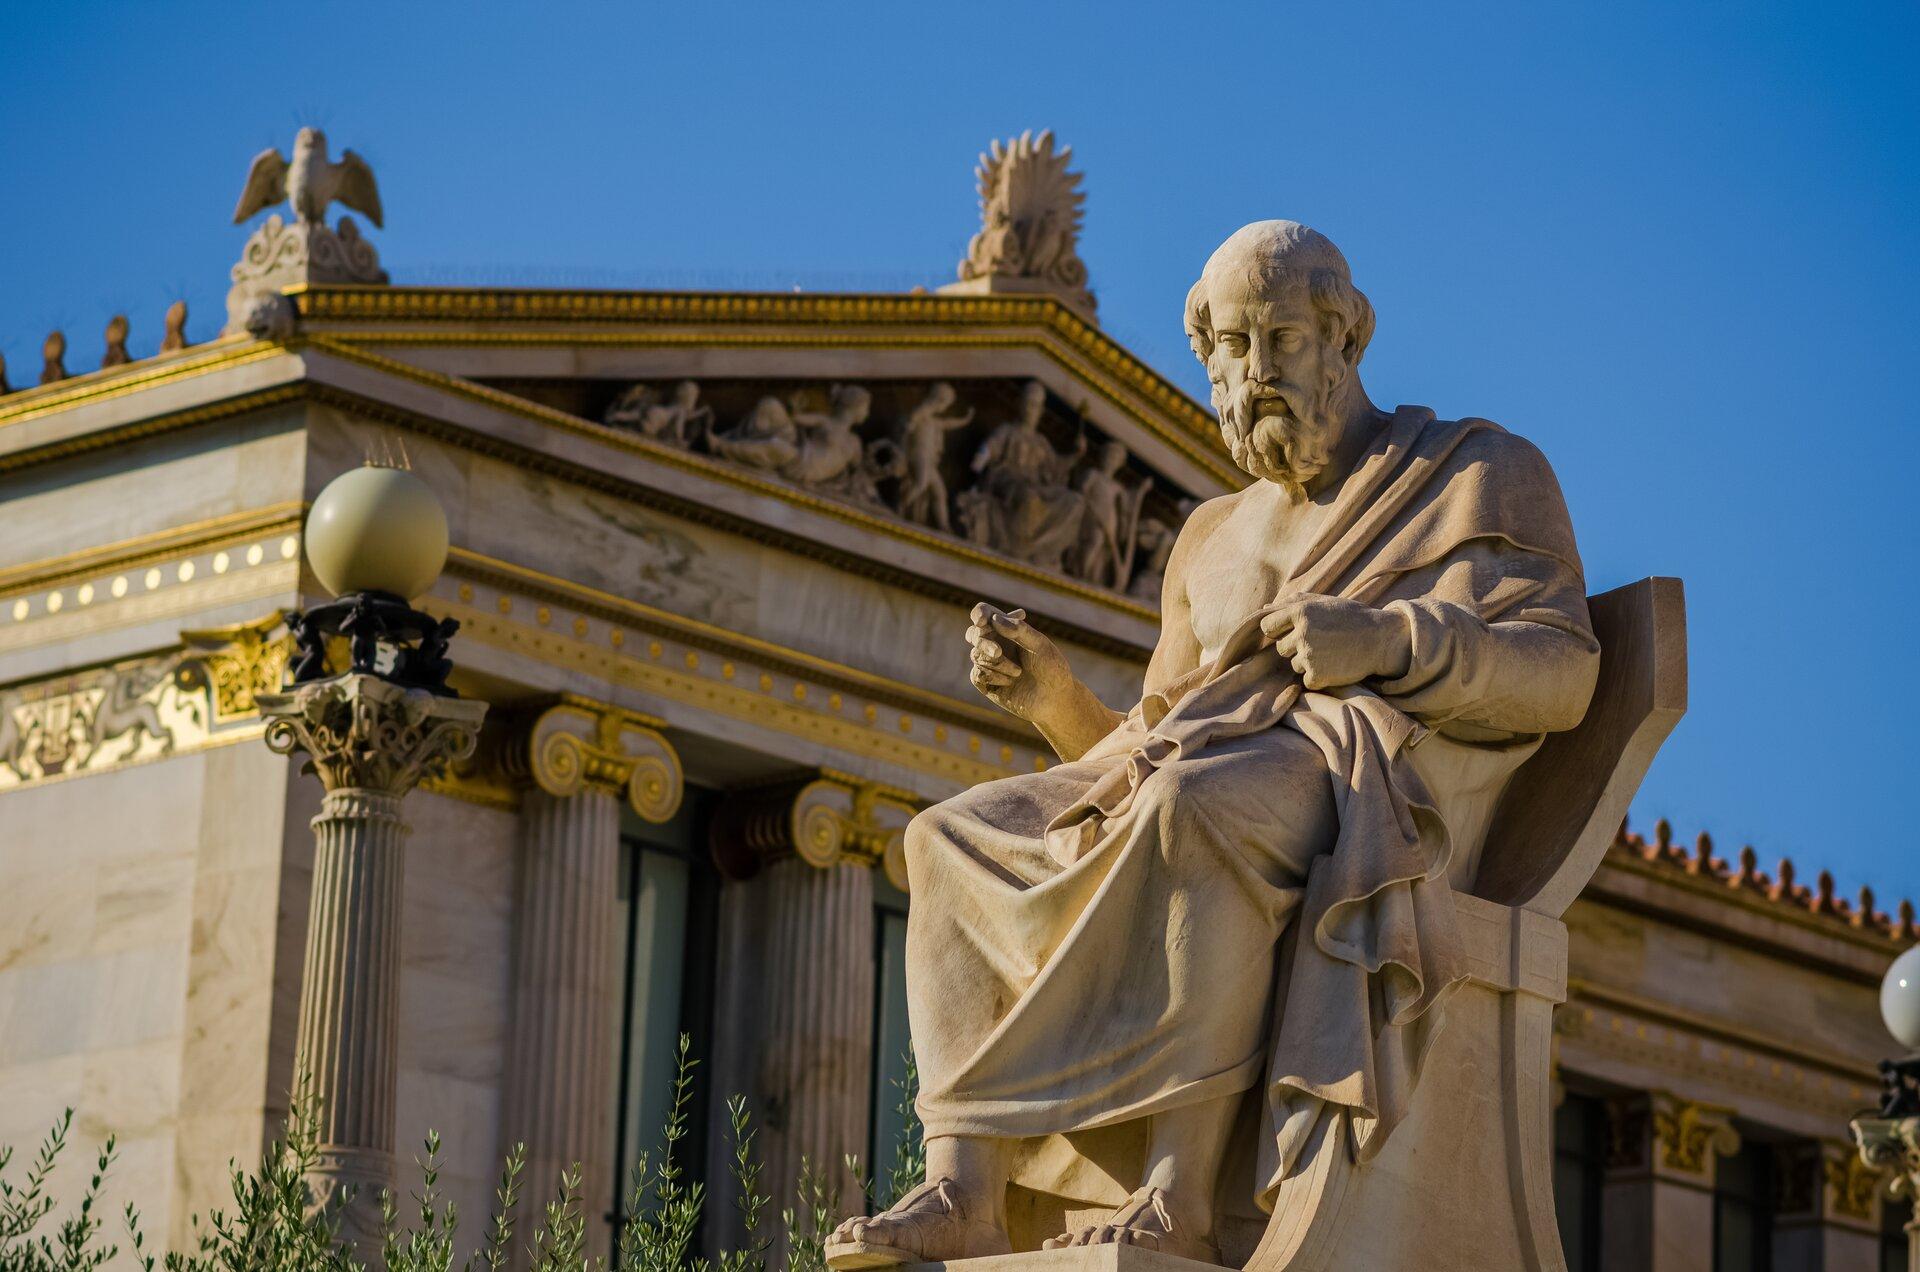 Fotografia nieznanego autora przedstawia widok na ruiny biblioteki Celsusa wEfezie oraz na pomnik Celsusa, który znajduje się na pierwszym planie.Został on przedstawiony jako mężczyzna wpodeszłym wieku. Rzeźba ukazuje go siedzącego wdługiej todze.